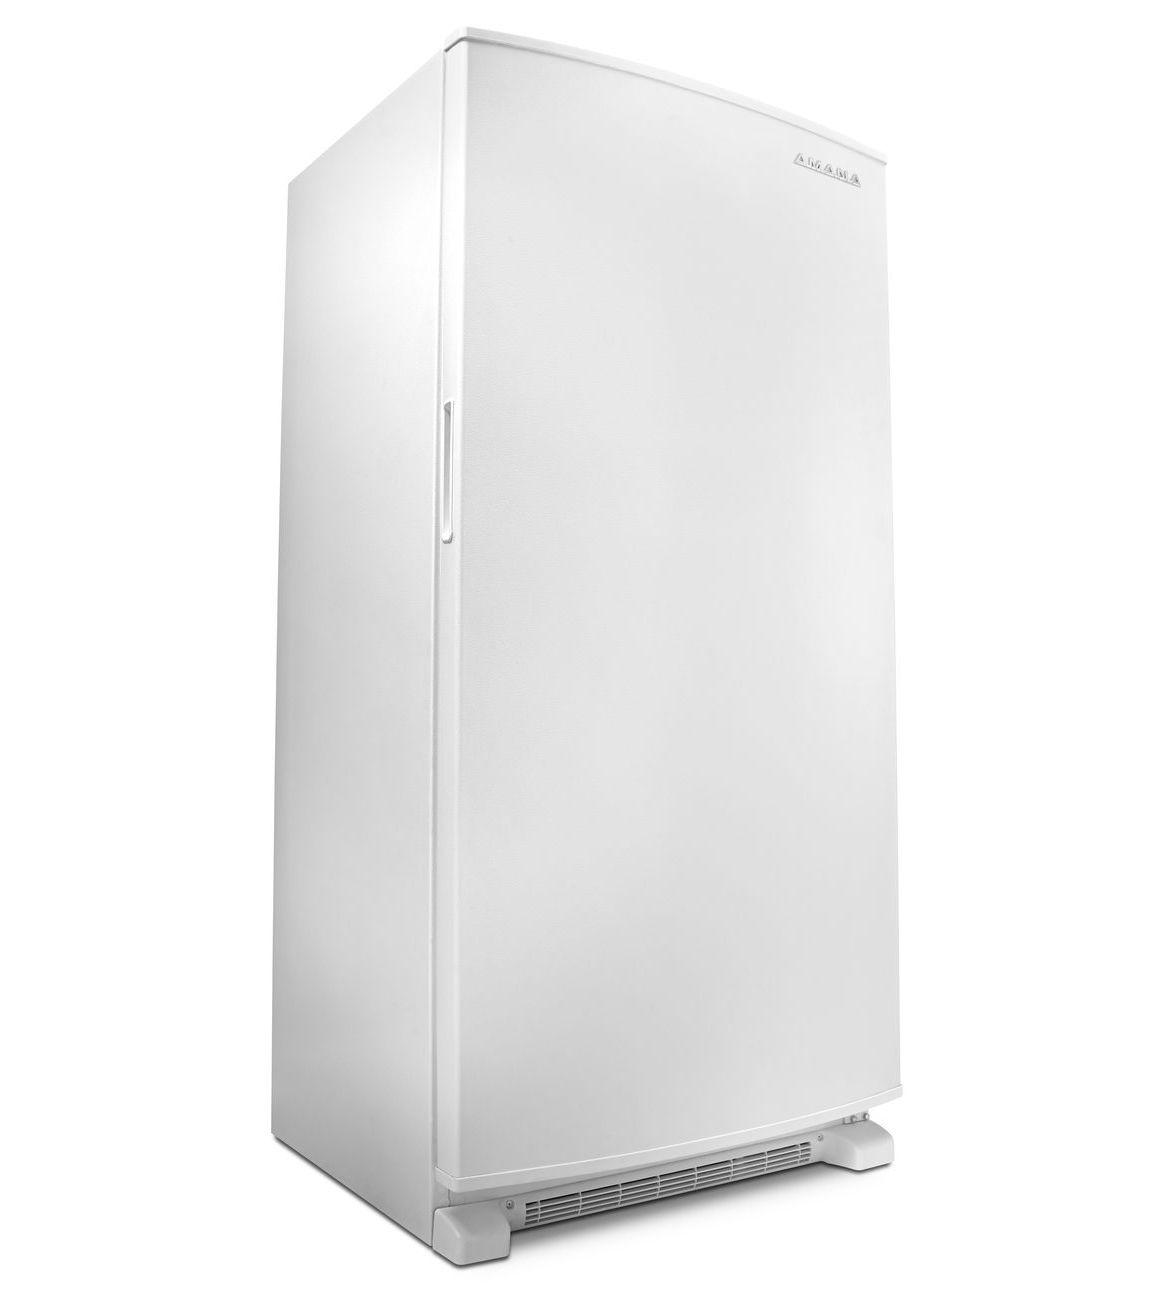 Azf33x20dw Amana 174 20 Cu Ft Amana 174 Upright Freezer With